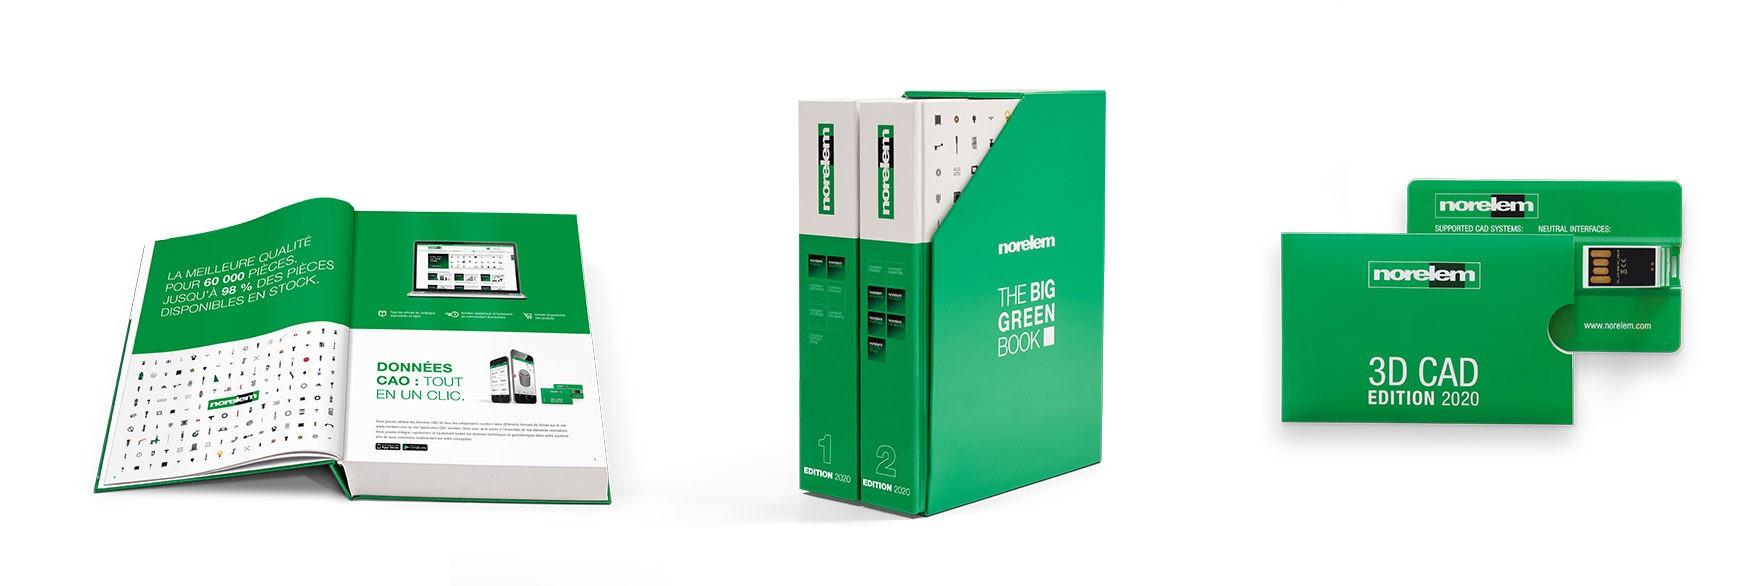 Bücher mit weiß grünem Einband mit dem Buchtitel THE BIG GREEN BOOK auf weißem Hintergrund französisch